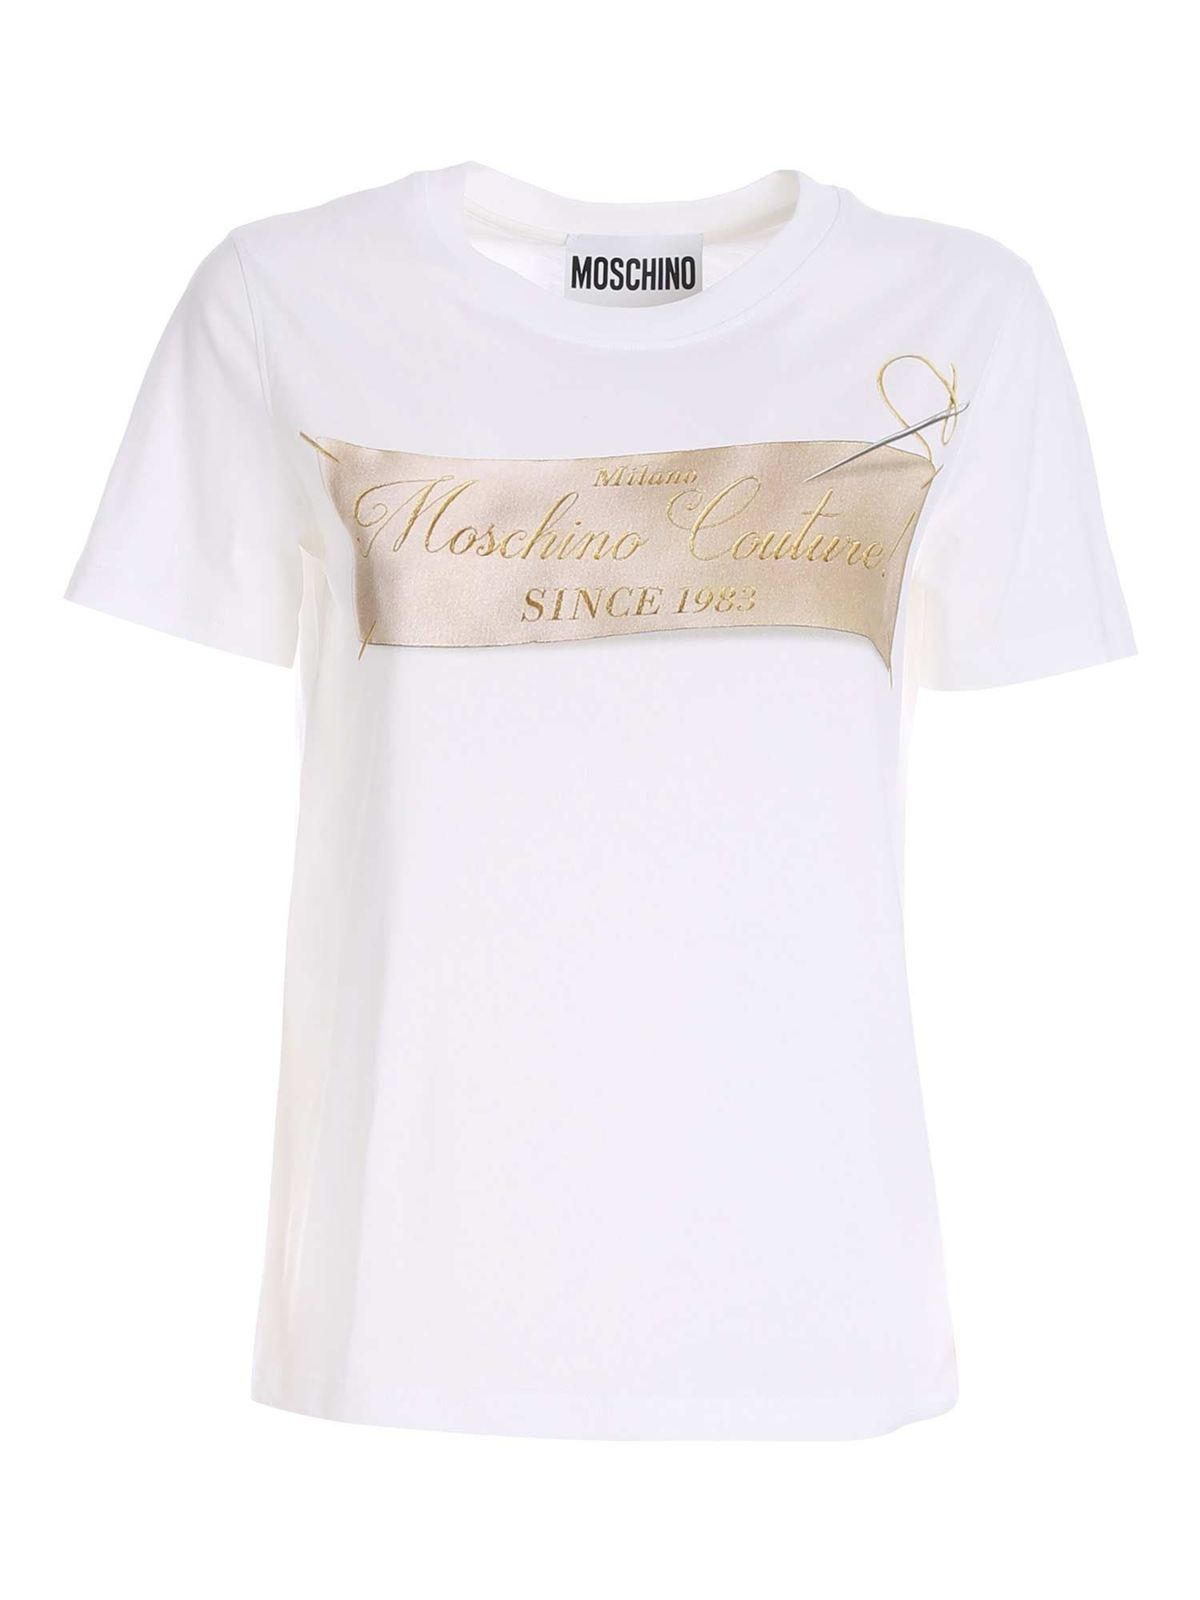 Moschino LEBEL PRINT T-SHIRT IN WHITE